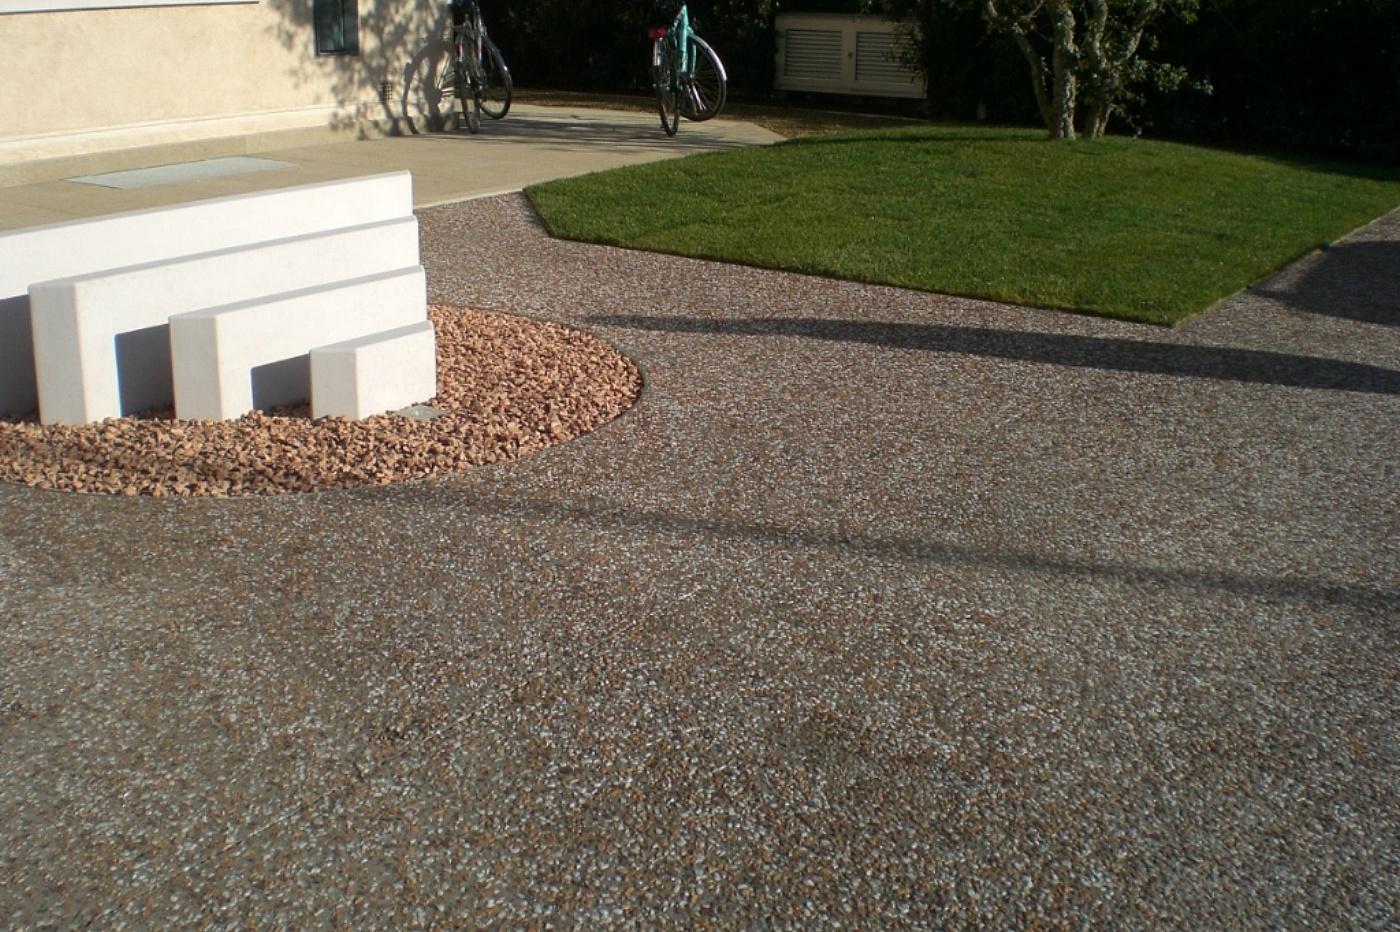 Pavitek sas di arena enzo c sasso lavato - Gradini in cemento per esterno ...